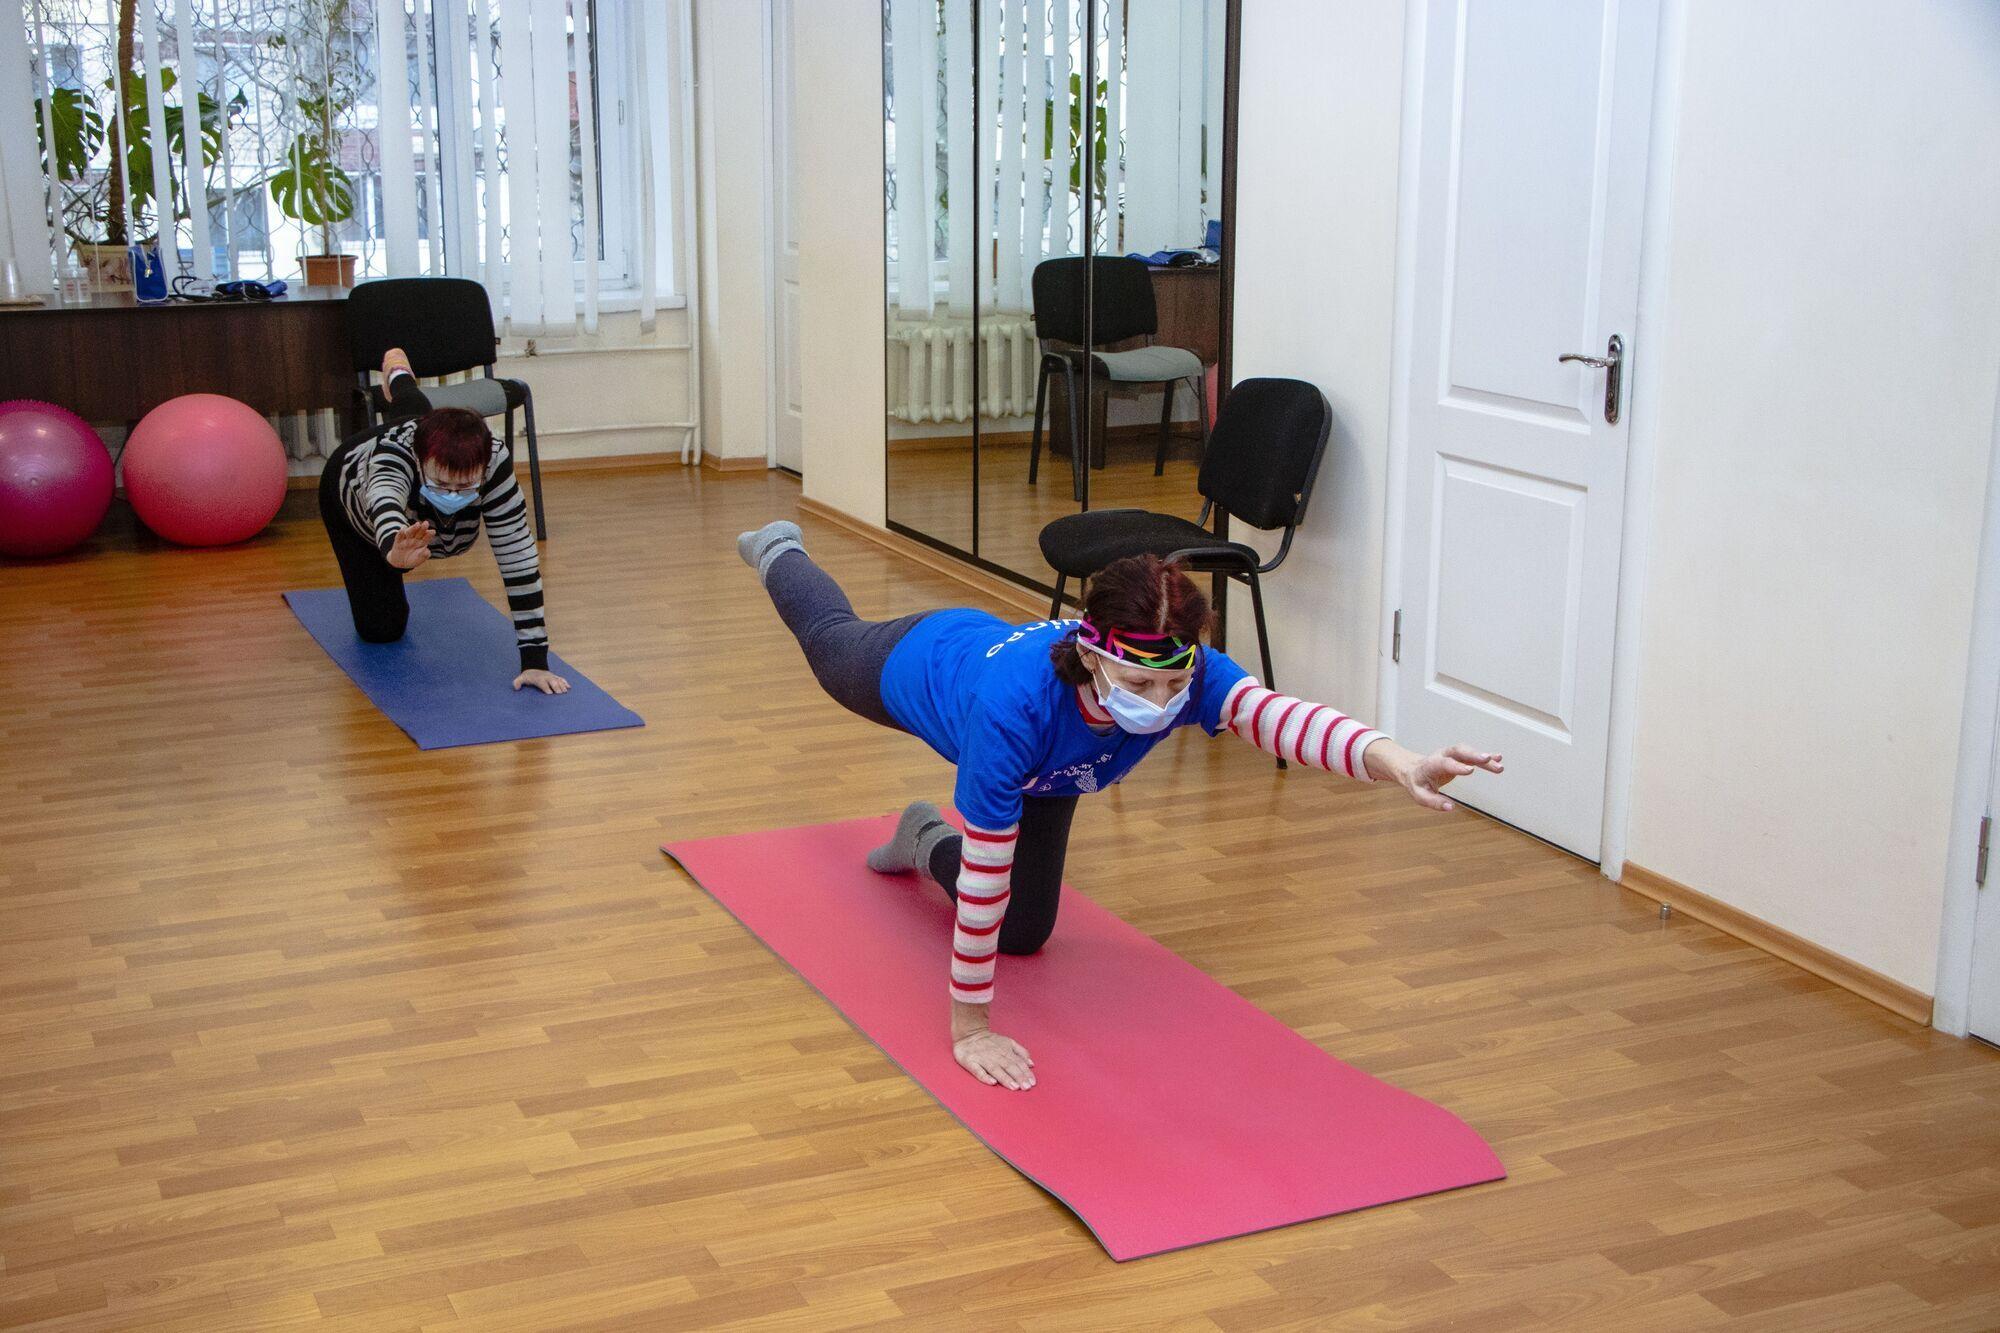 Подопечные терцентра довольны восстановлением тренировок